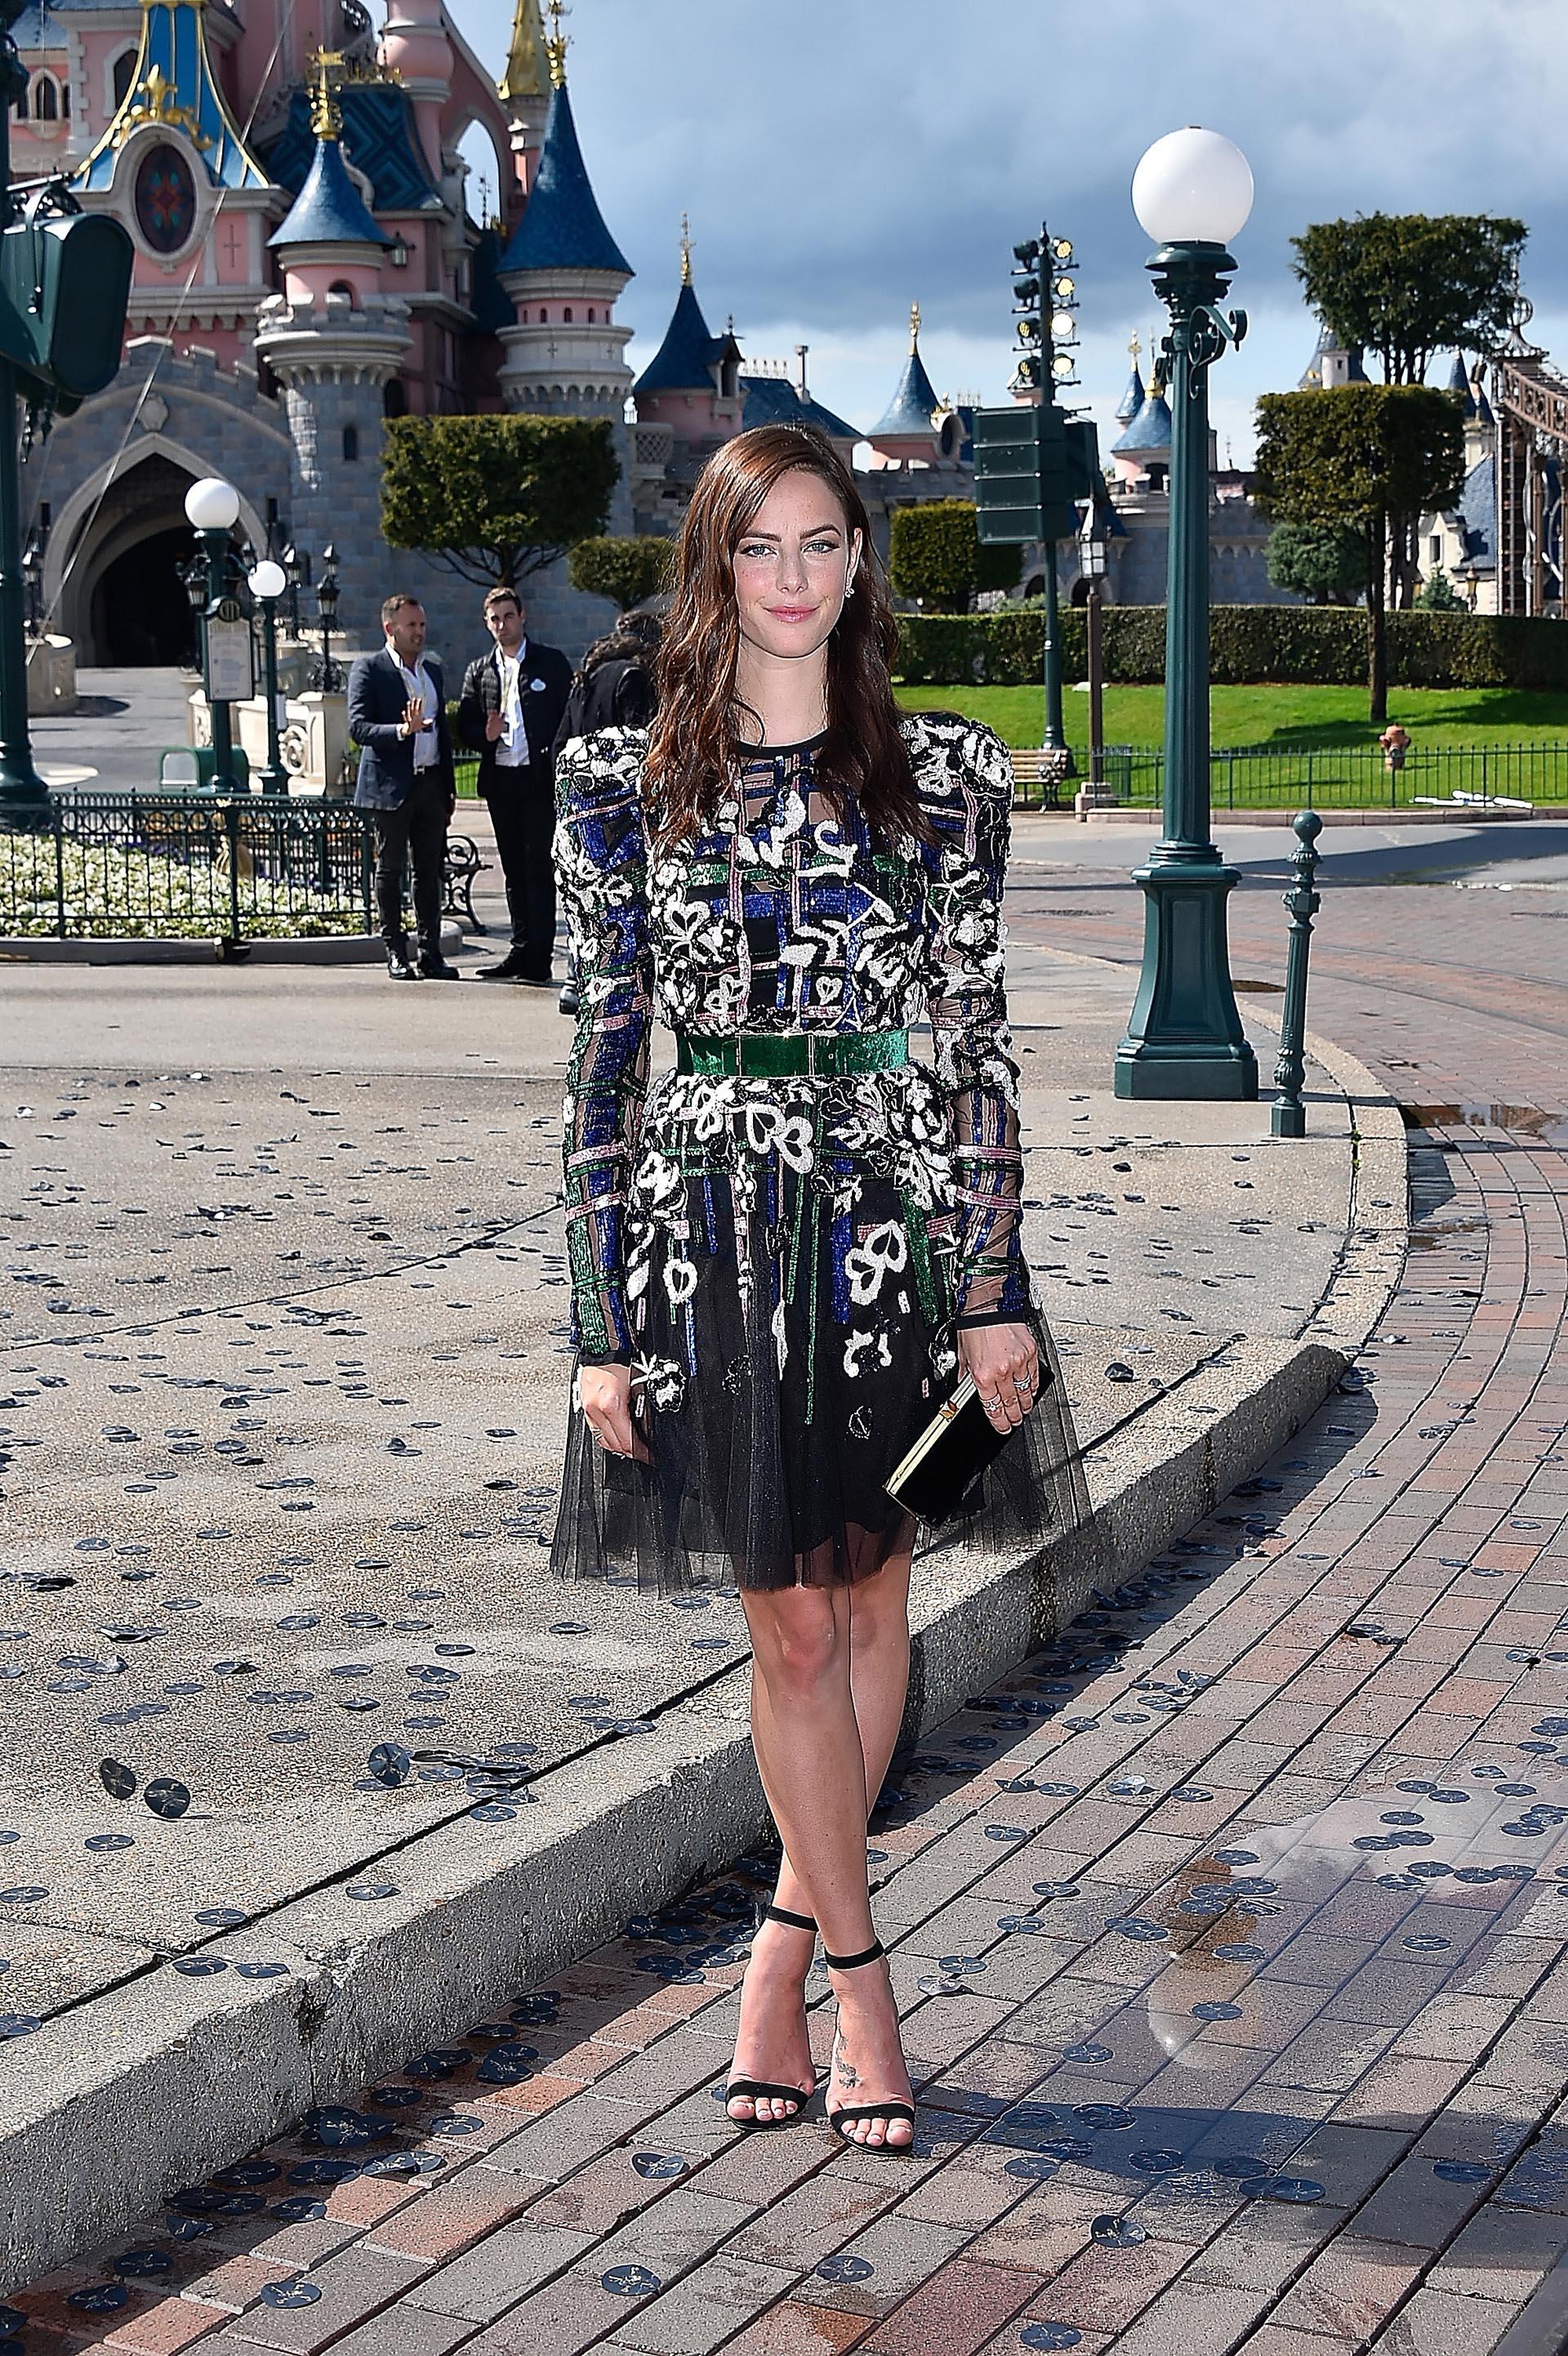 Kaya Scodelario, la protagonista femenina de la película, se destacó por su belleza y lució su esbelta figura con un vestido estampado